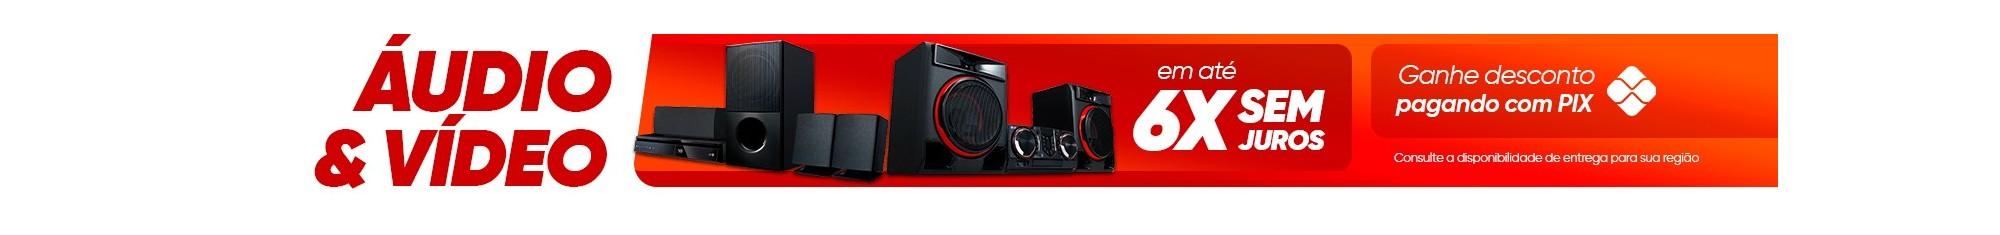 Áudio e Vídeo em promoção